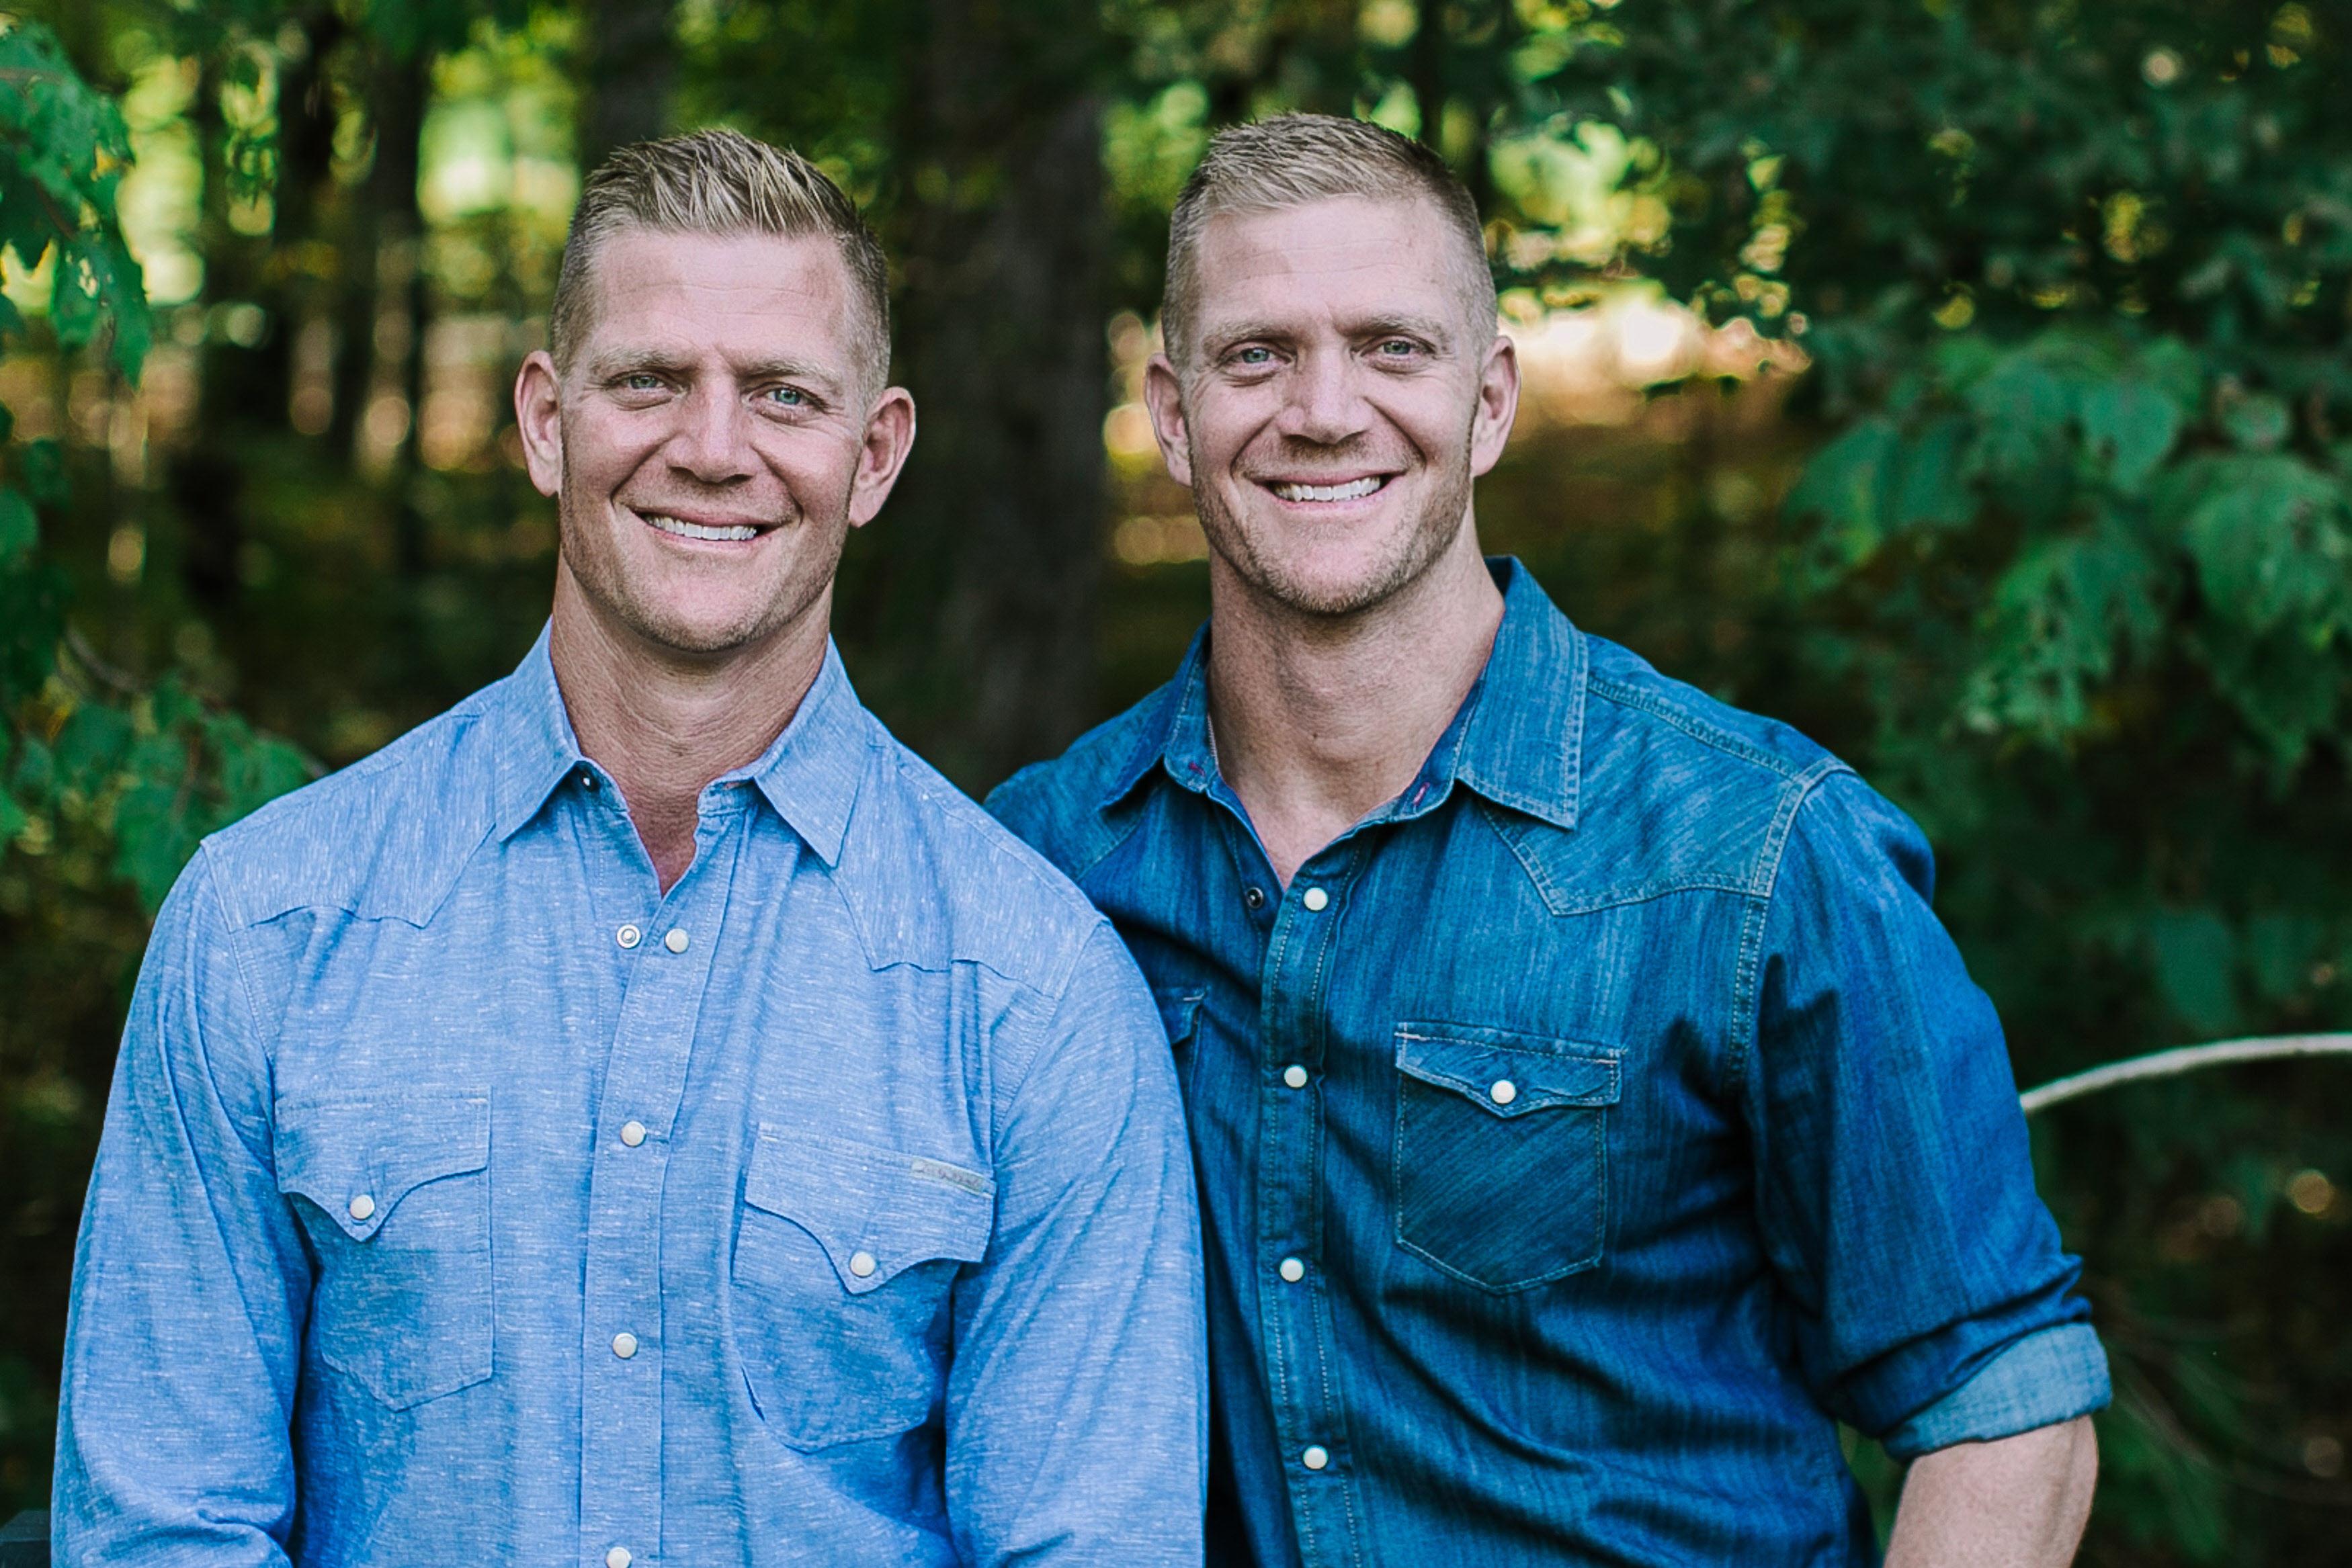 Homofobik Sunucular Eşcinsellere Karşı Ayrımcılığın Olmadığını İddia Etti